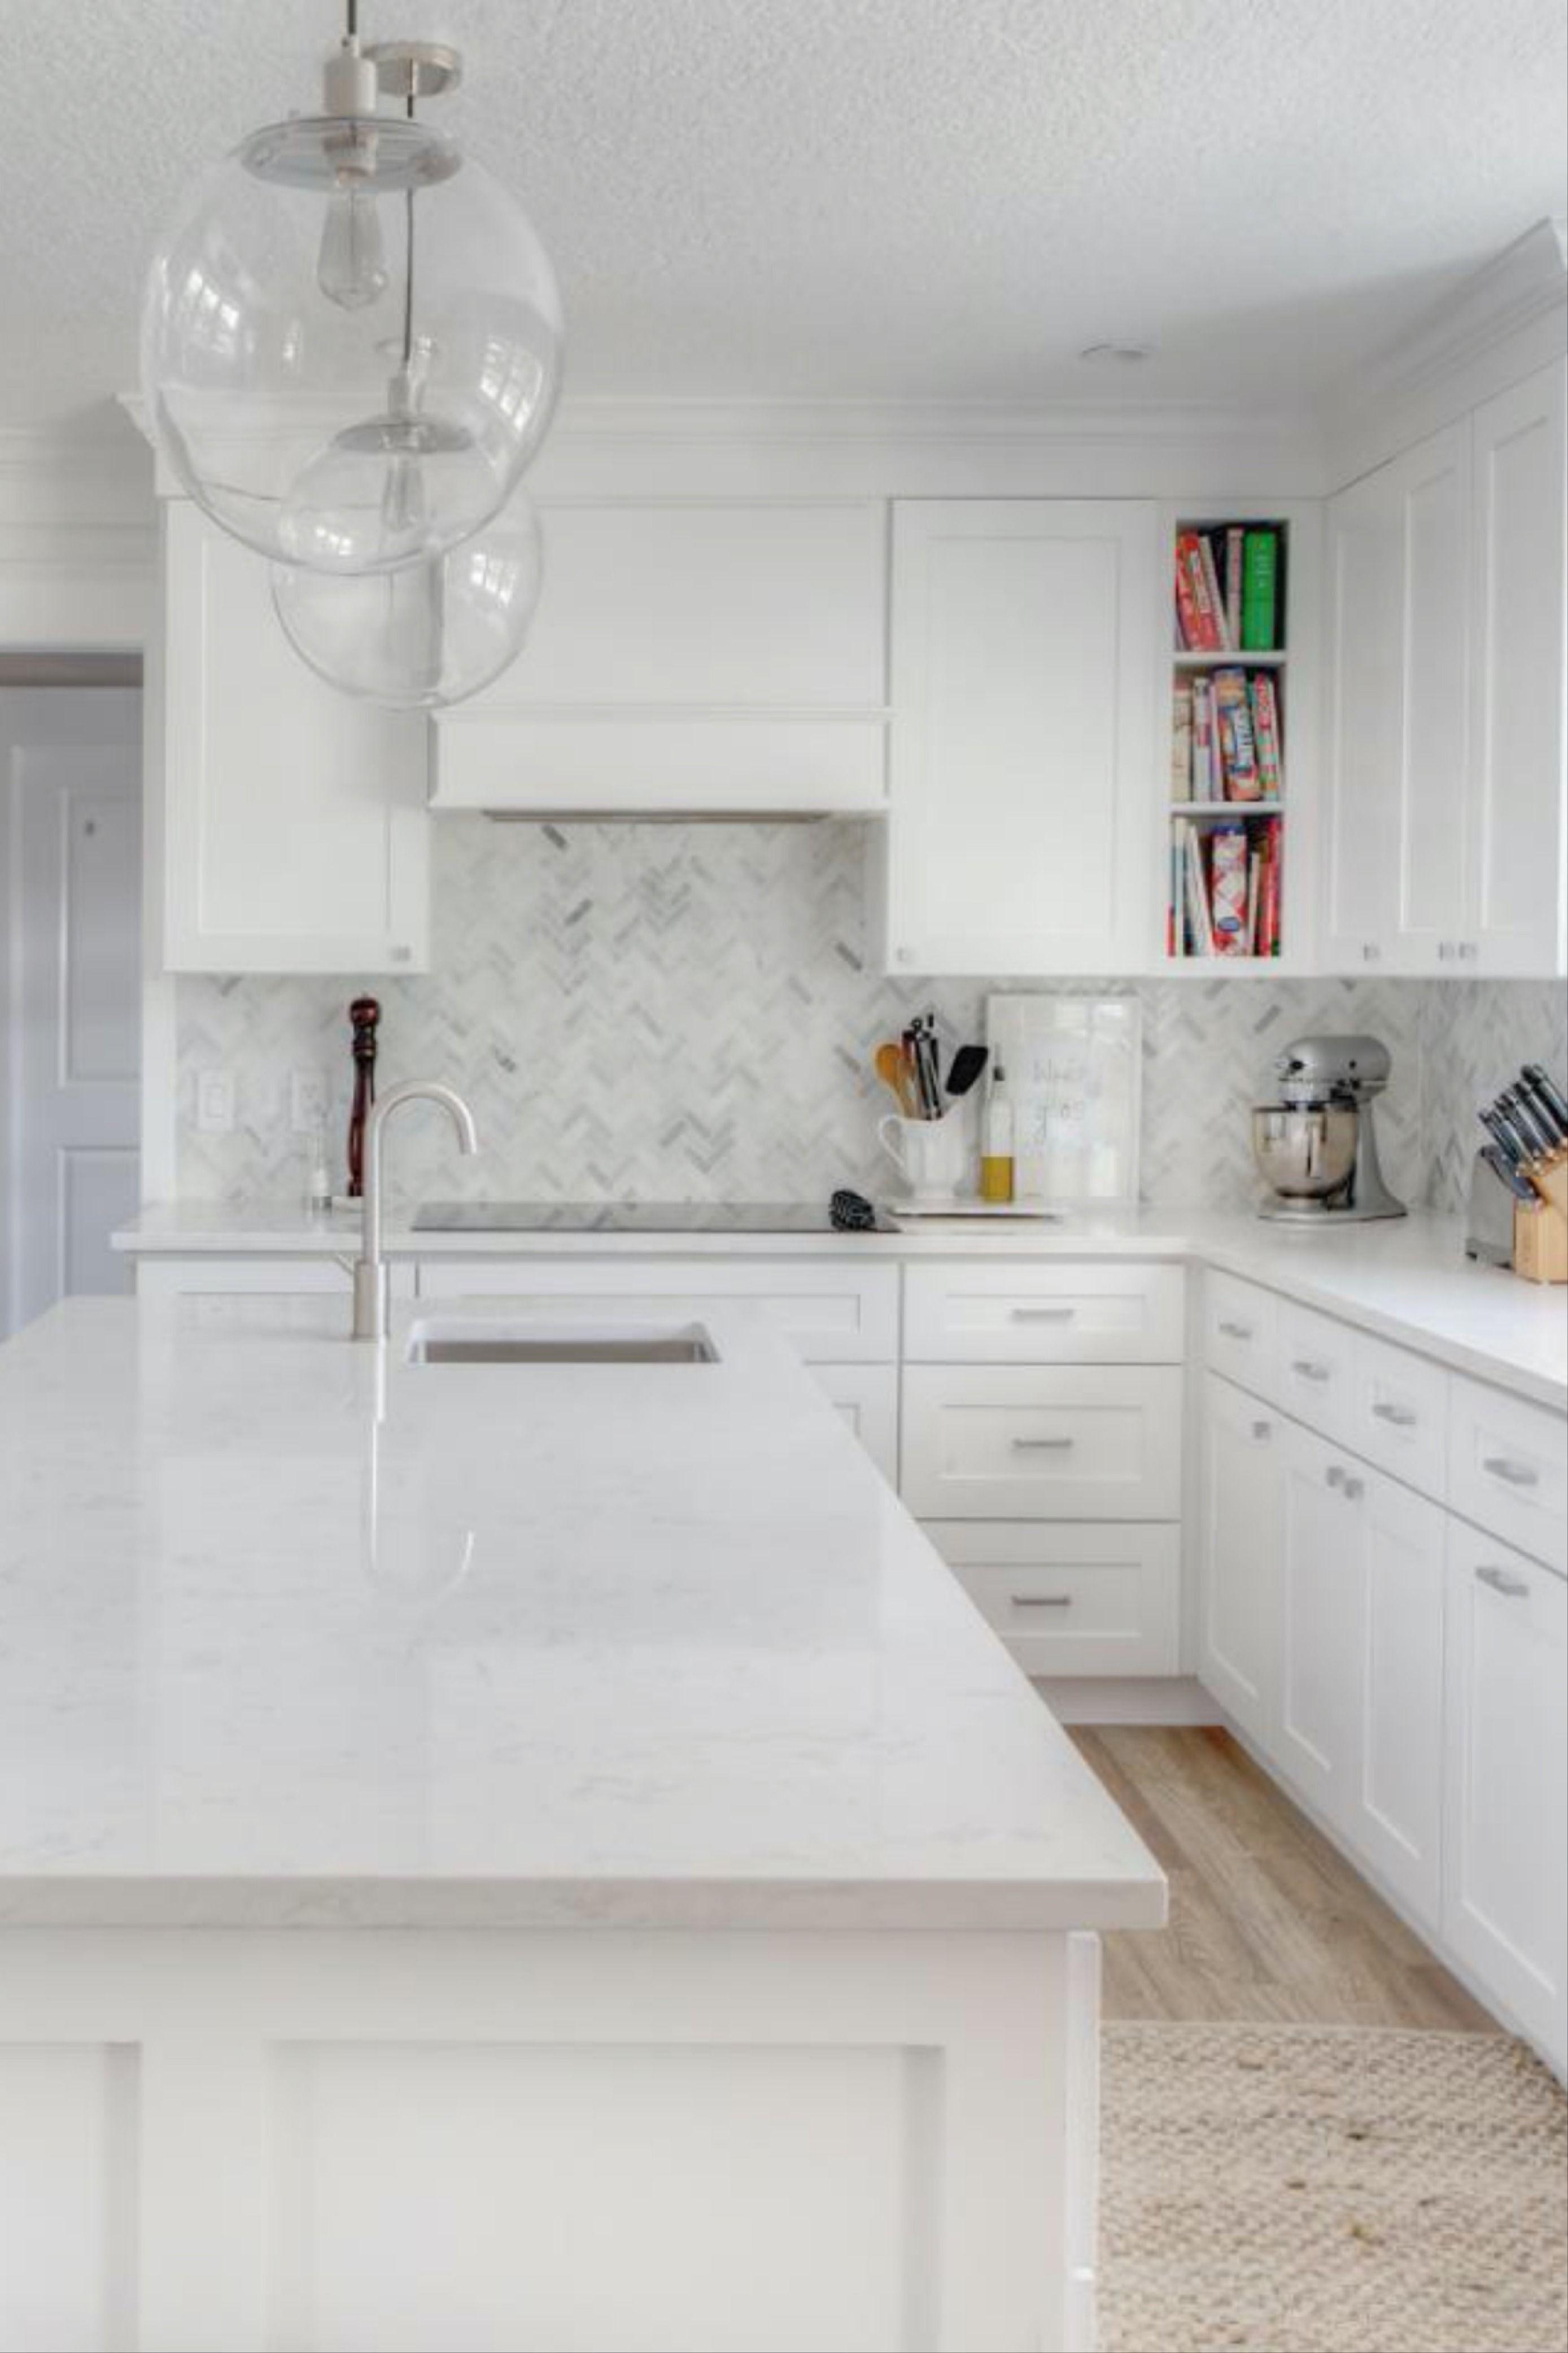 Cambria Quartz Countertops 1 Dealer Tampa Sarasota Naples White Shaker Kitchen Cabinets White Shaker Kitchen Quartz Kitchen Countertops White